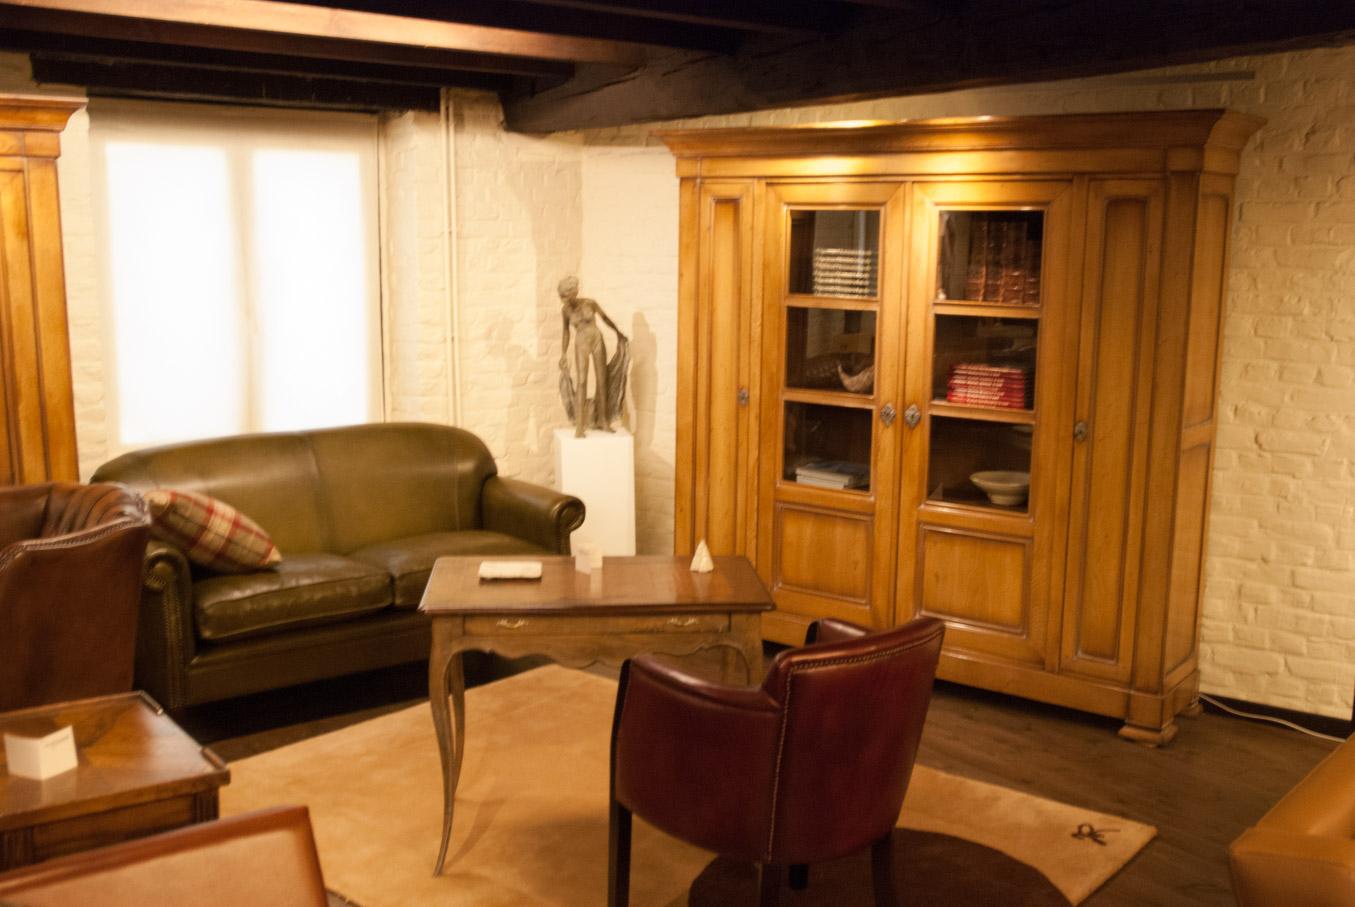 Engelse meubelcollectie - Kunst- en Meubelhuis Vandevoorde